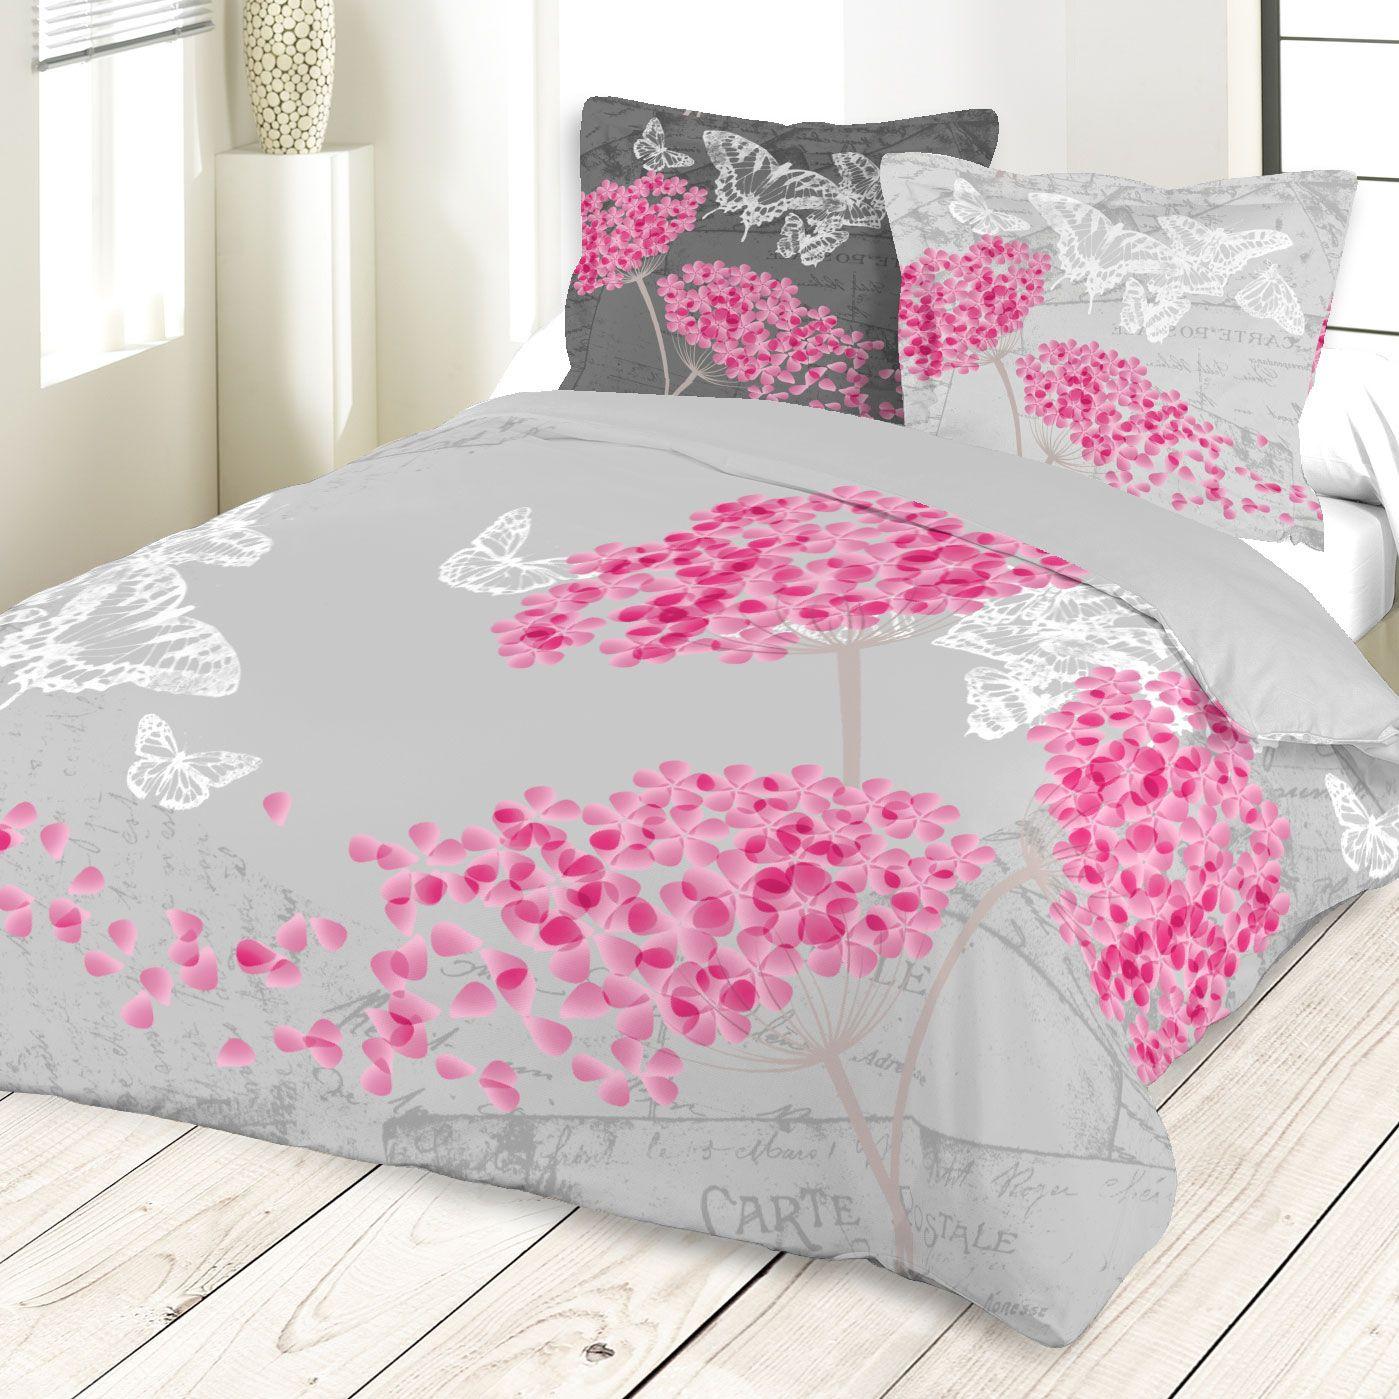 parure de couette p tales et papillons gris homemaison vente en ligne parures de lit. Black Bedroom Furniture Sets. Home Design Ideas